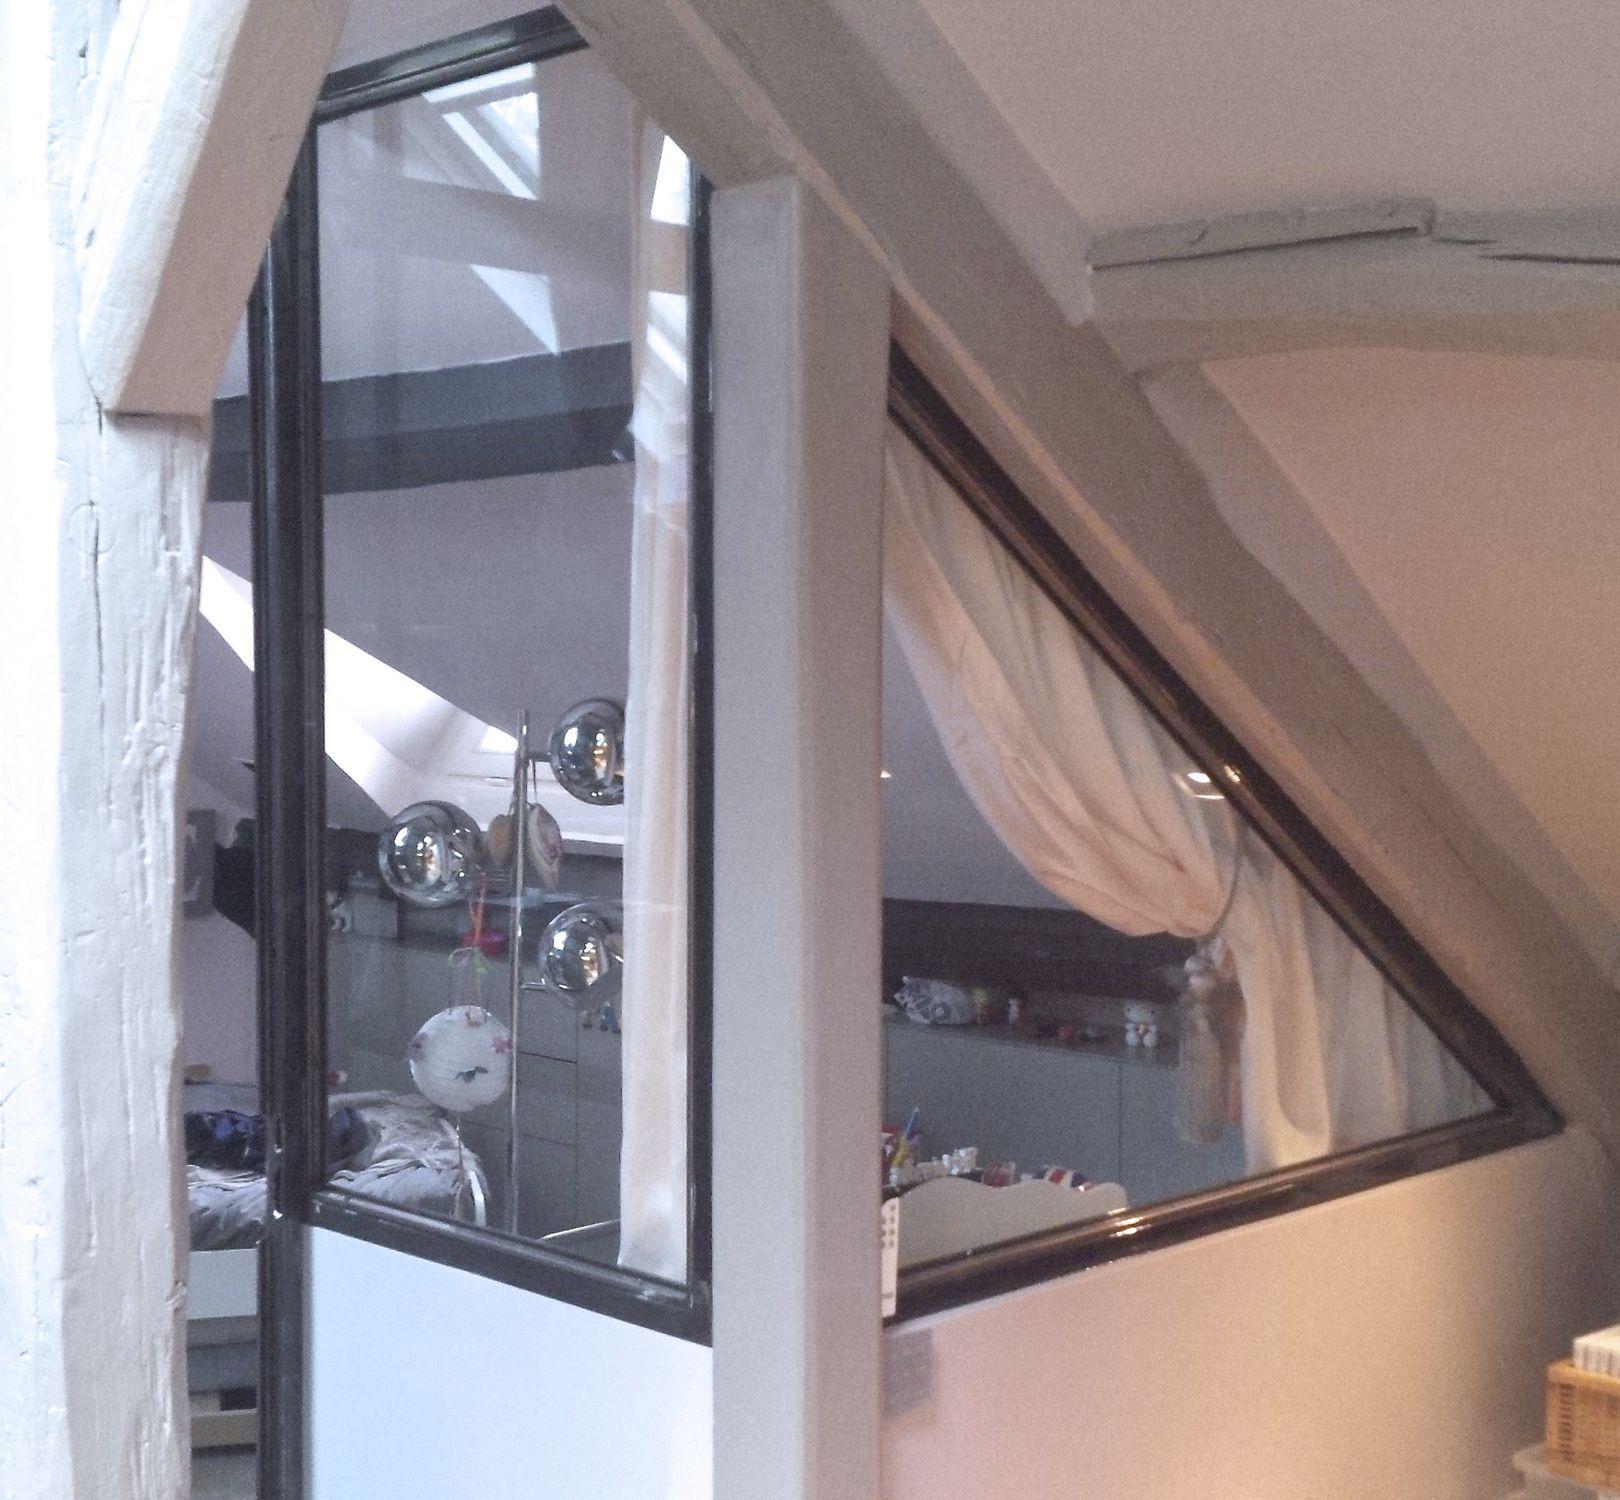 cloison fixe / en acier / résidentielle - verriÈre acier brut et